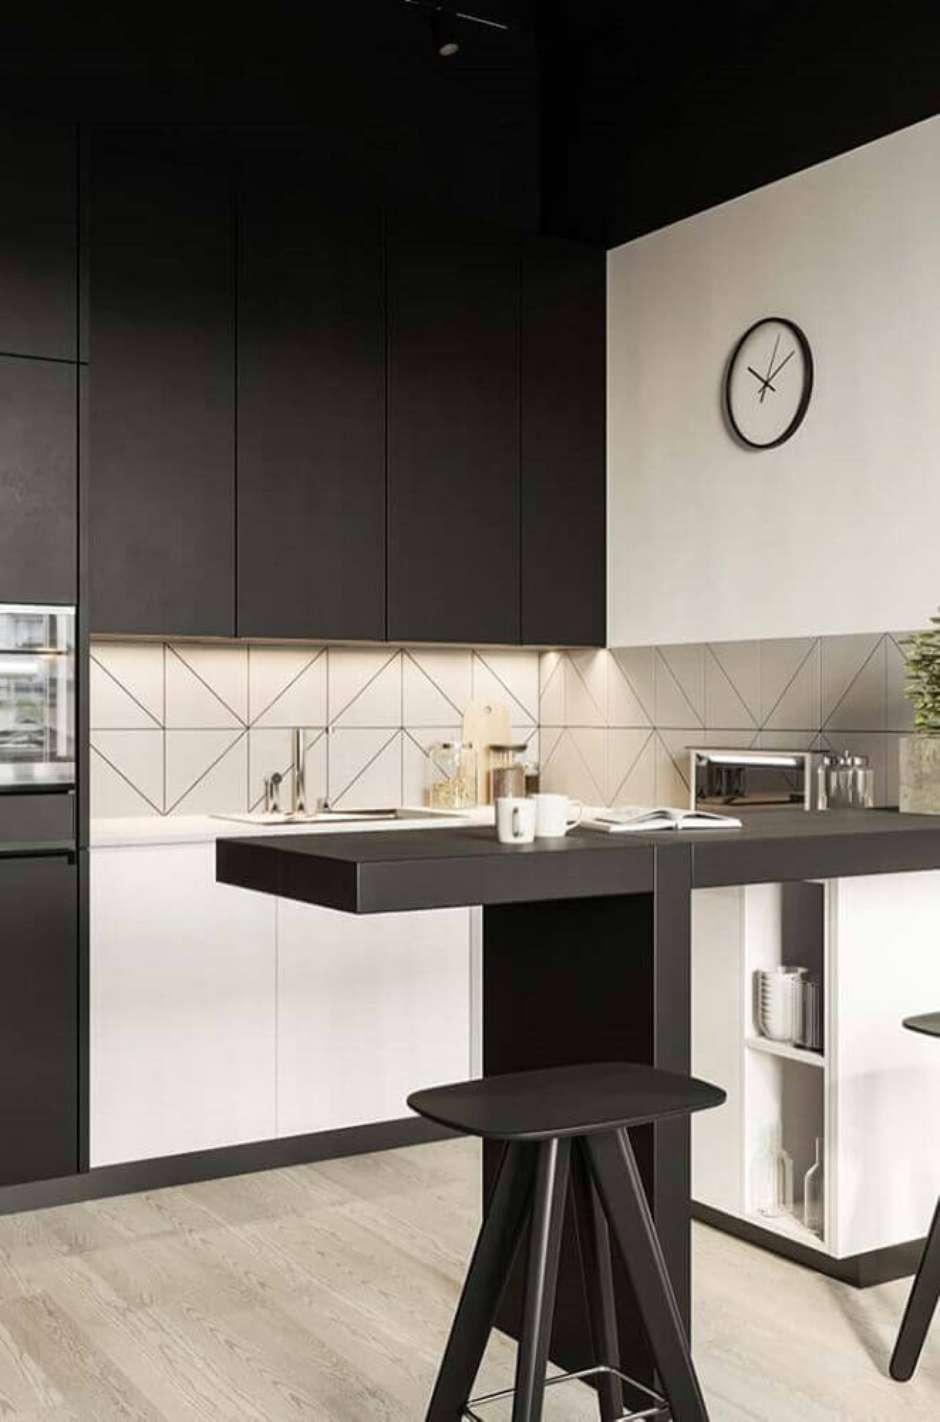 Cozinha Americana Branca E Preta Cozinha Simples Preta E Branca